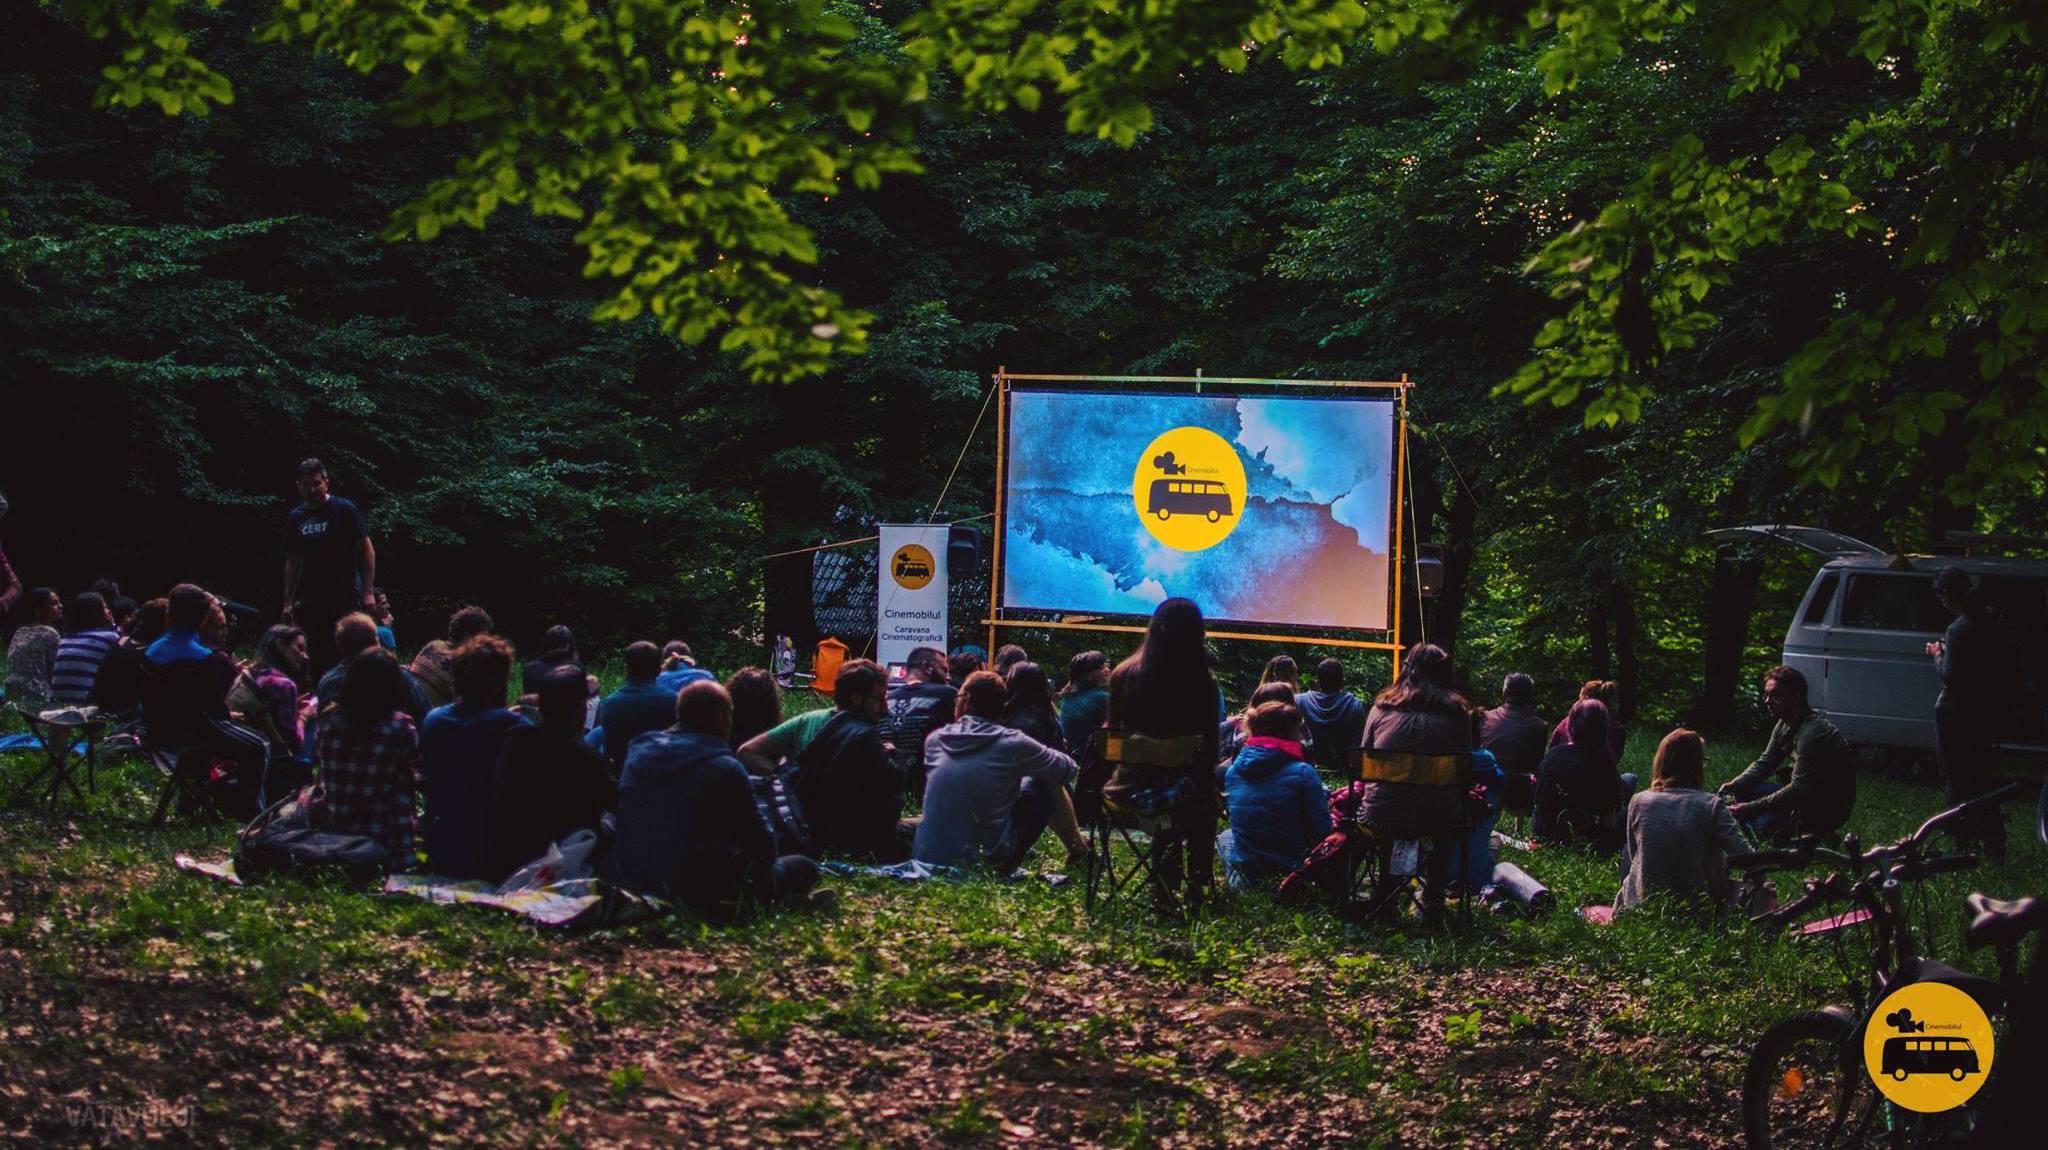 """Filmul clujean """"Usturoi"""", proiectat vineri seara pe malul Somesului"""